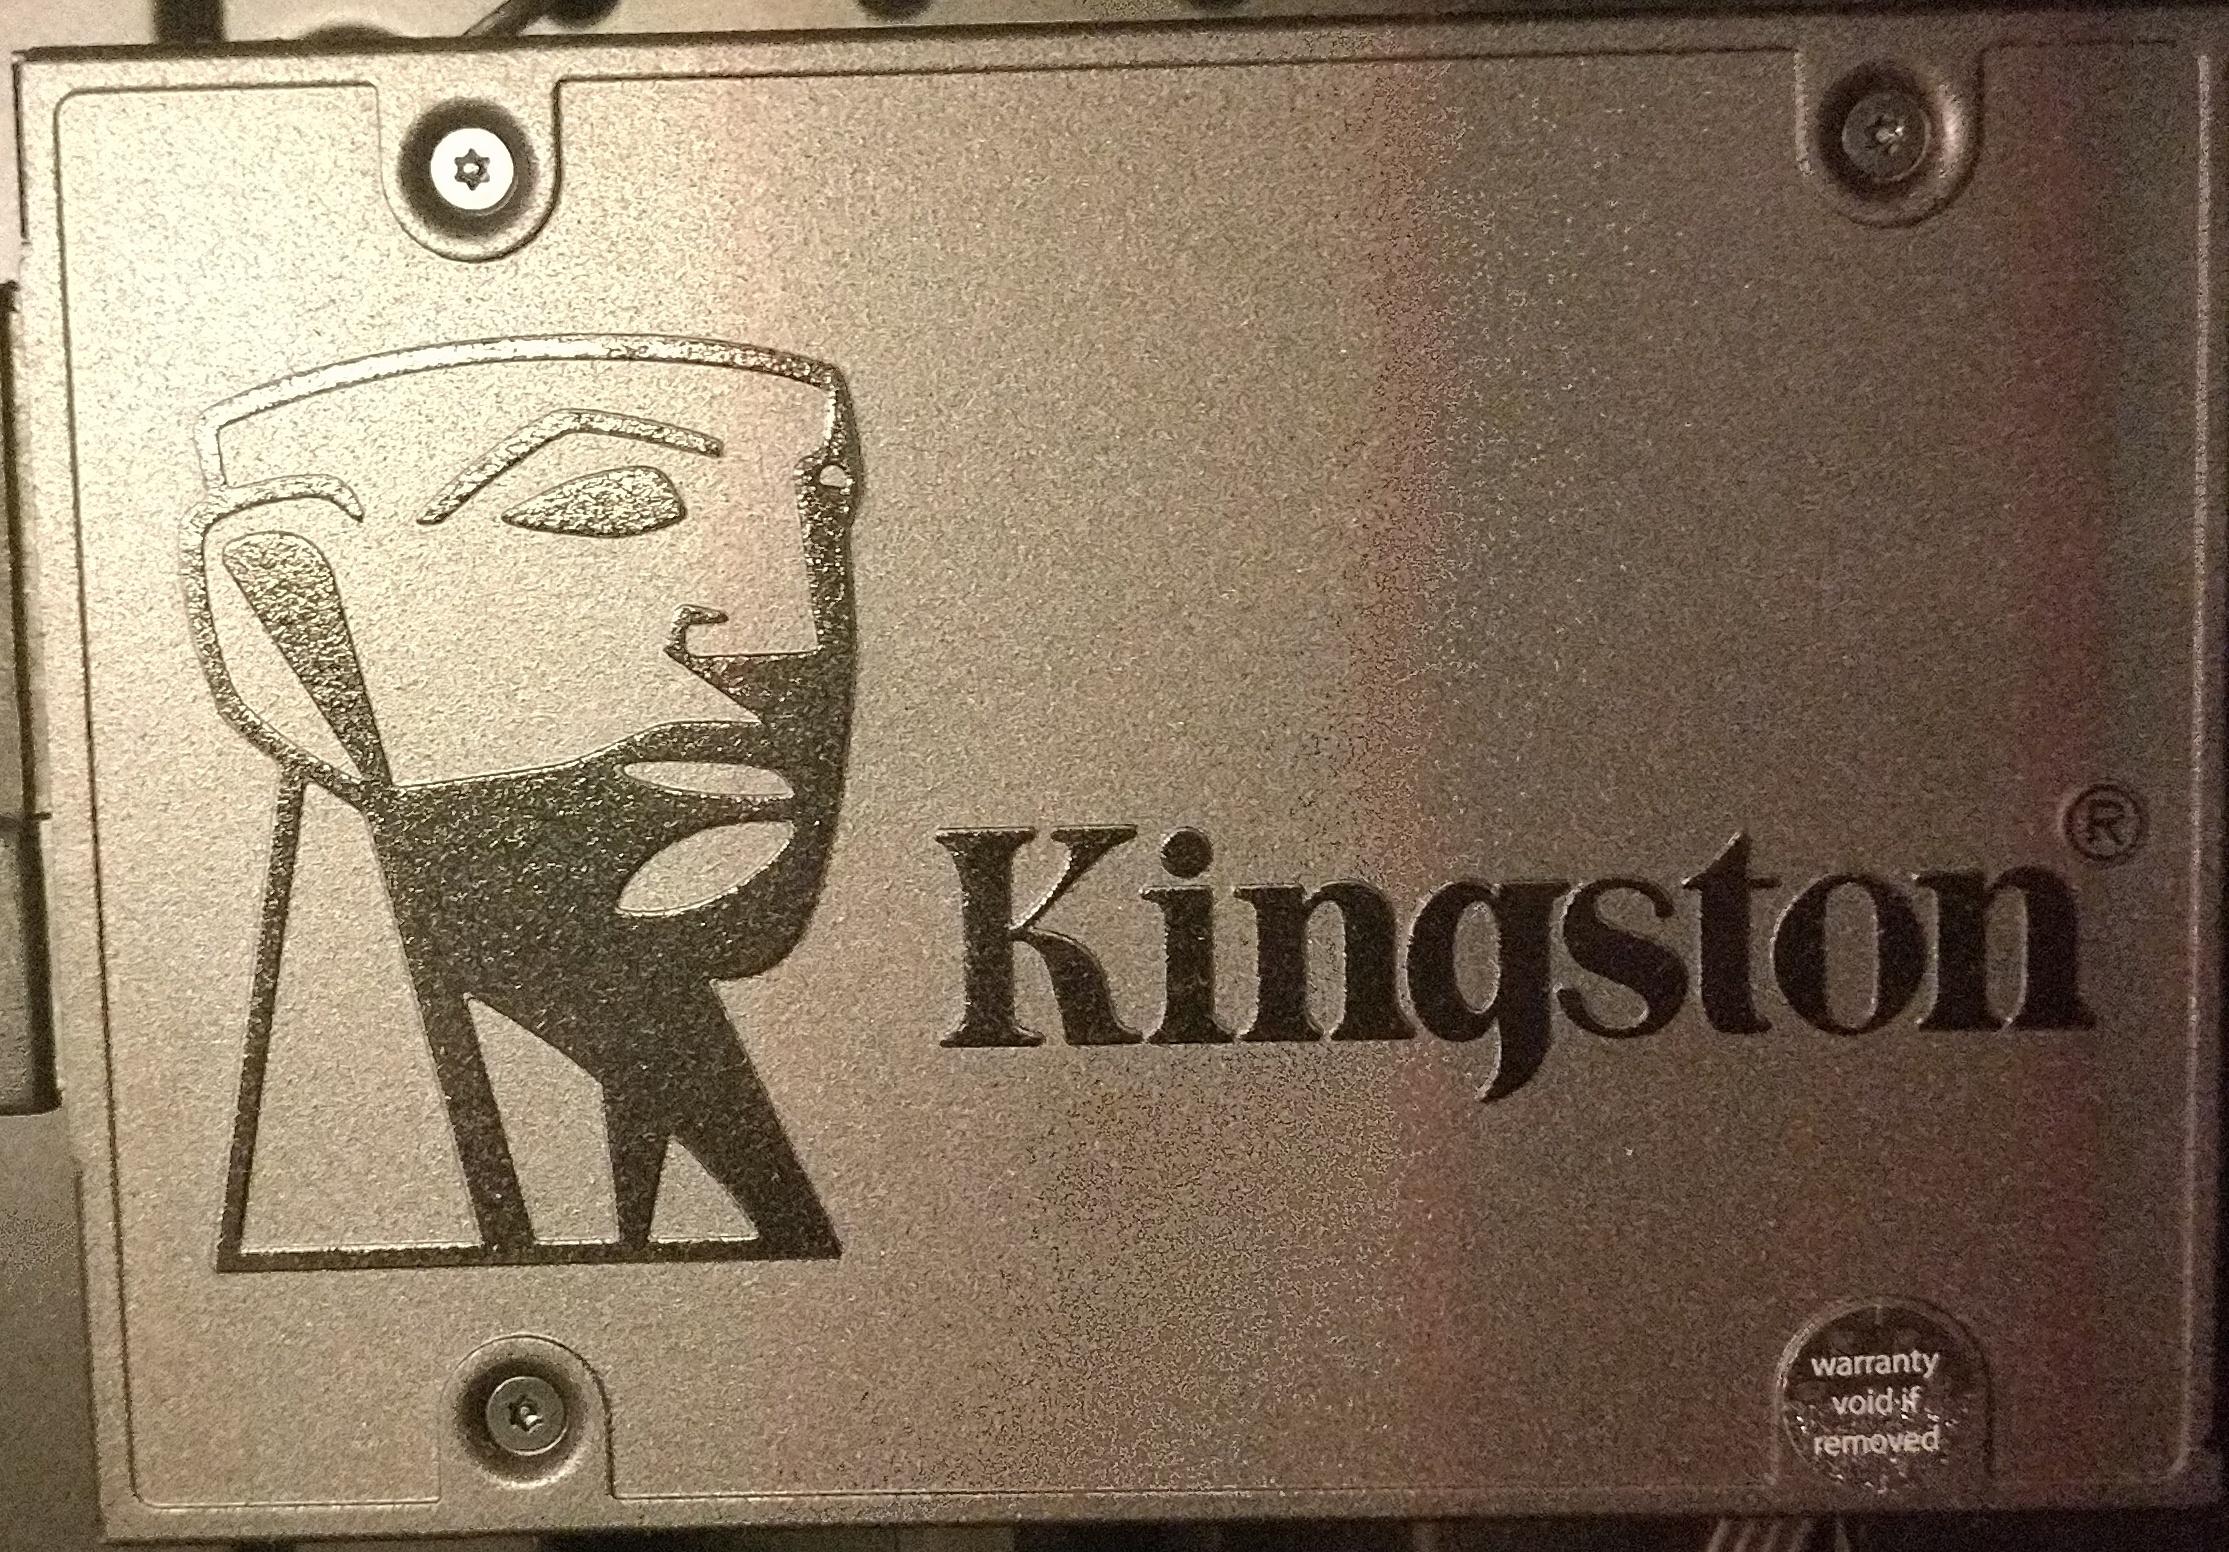 Kingston A400 240GB SSD Review – JazzTech